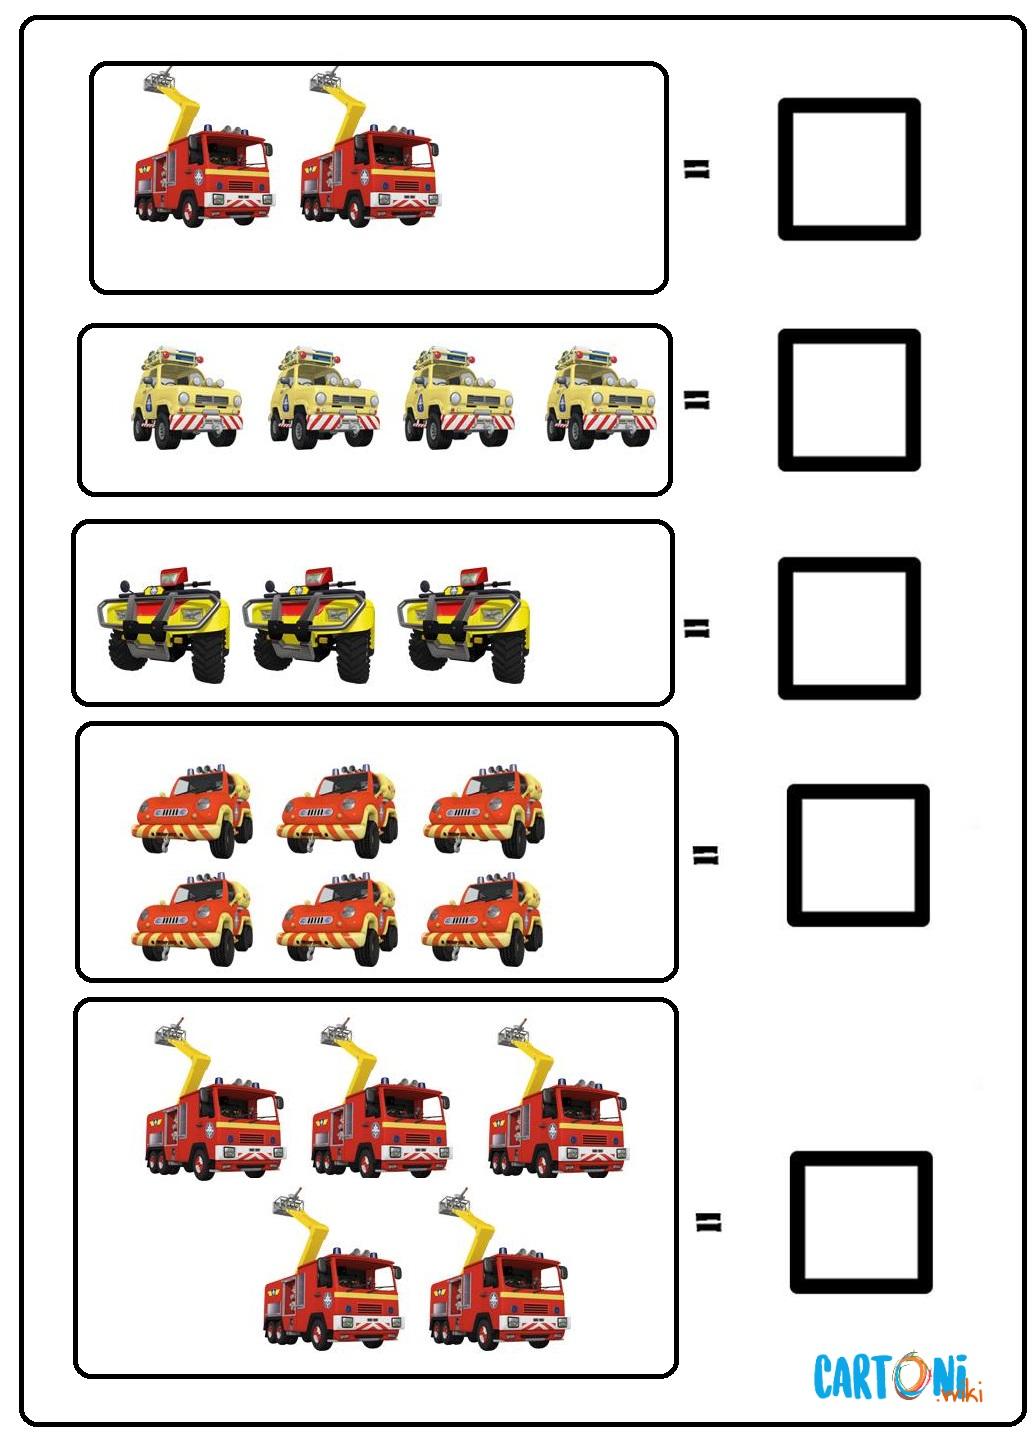 Impara a contare con Sam il pompiere - Cartoni animati